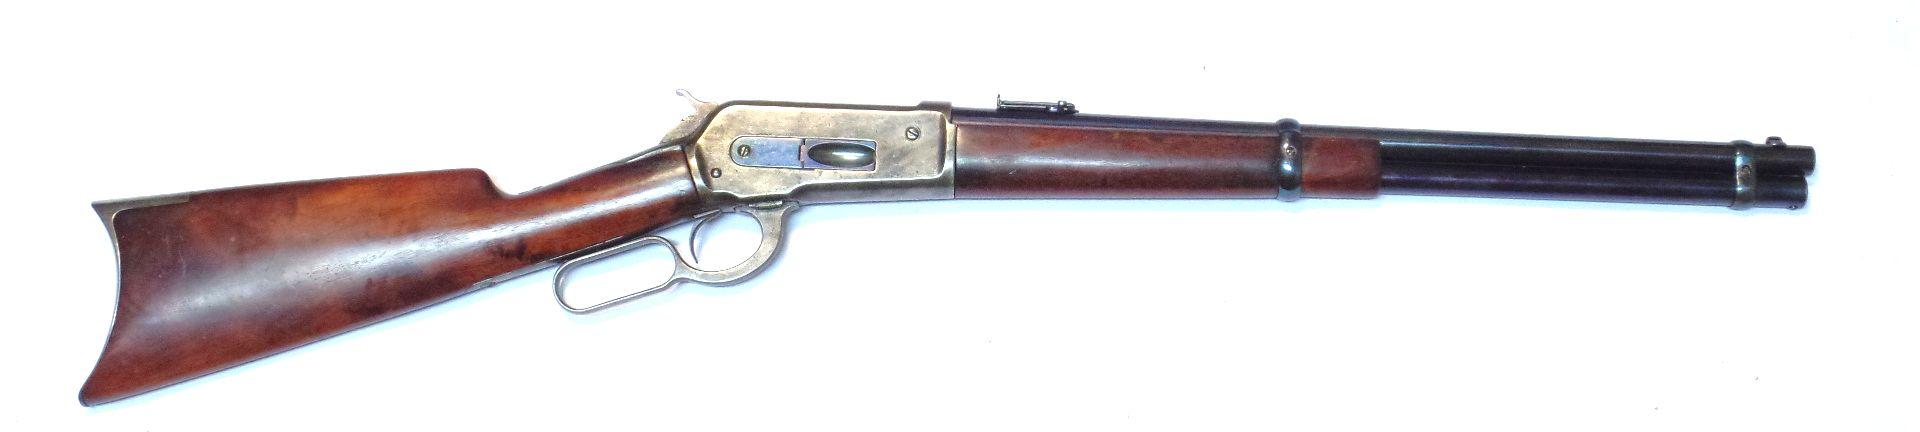 Winchester ORIGINALE 1886 calibre 38-56